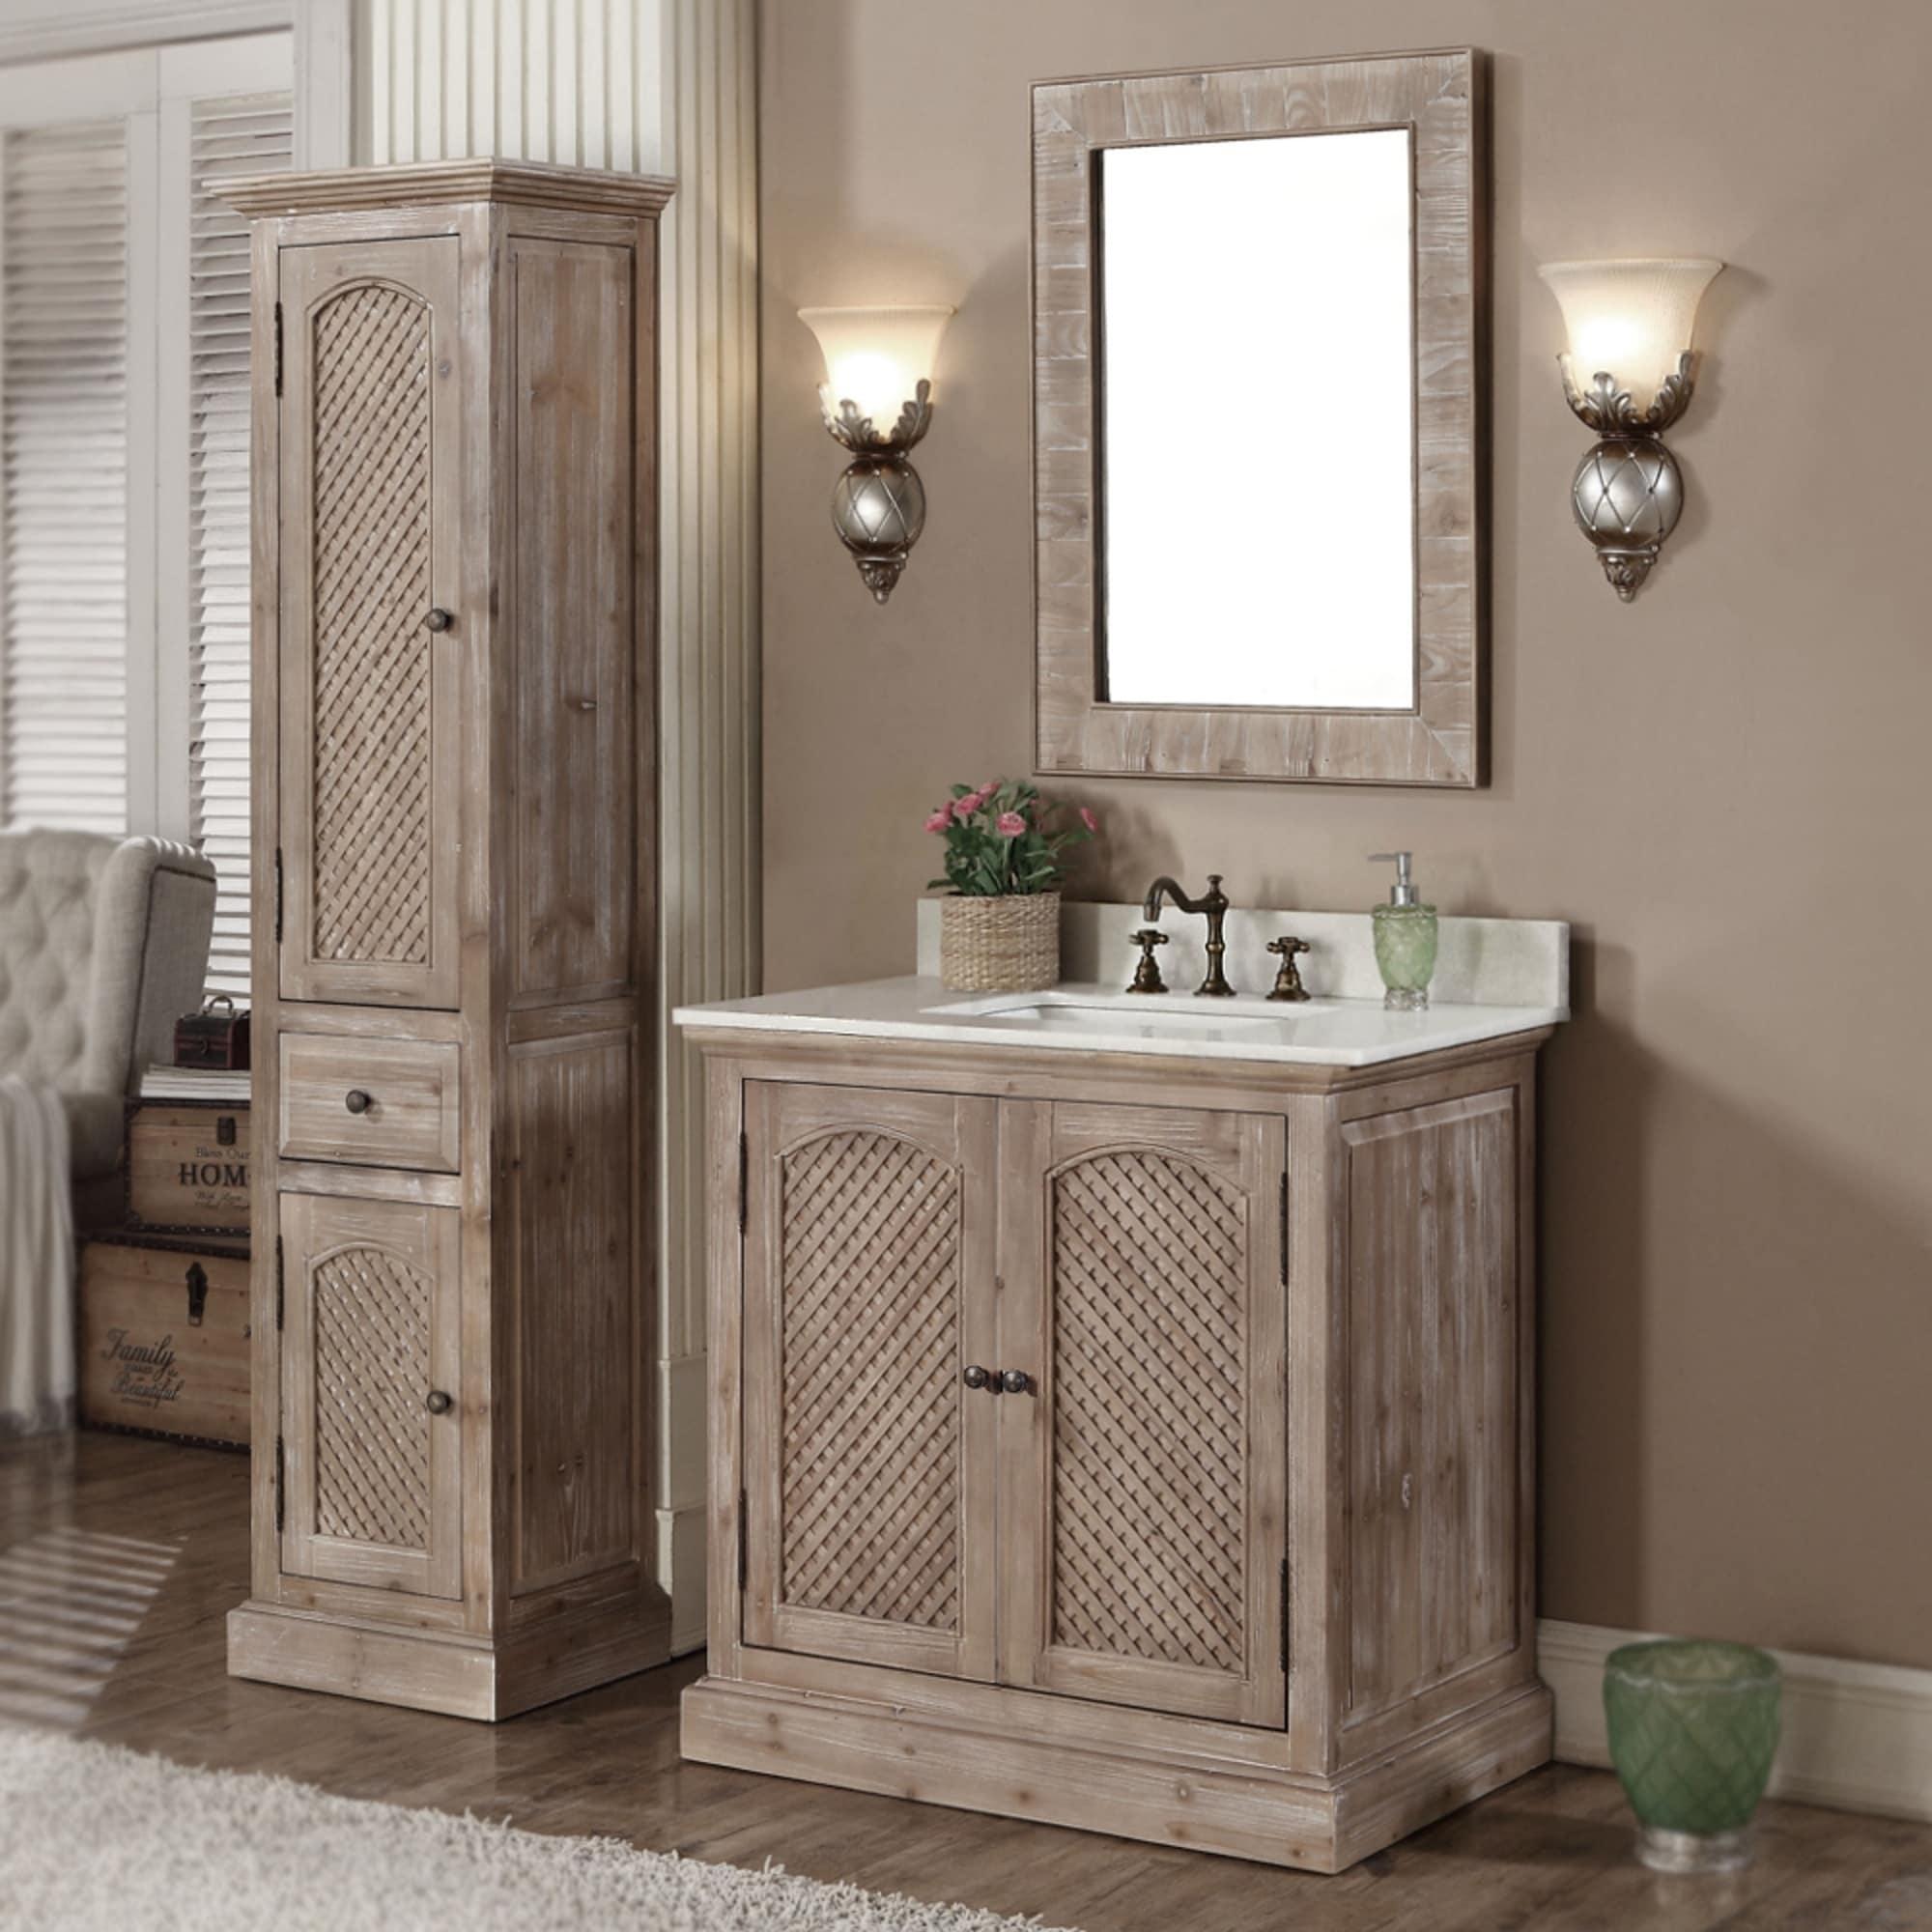 Marble Single Sink Bathroom Vanity